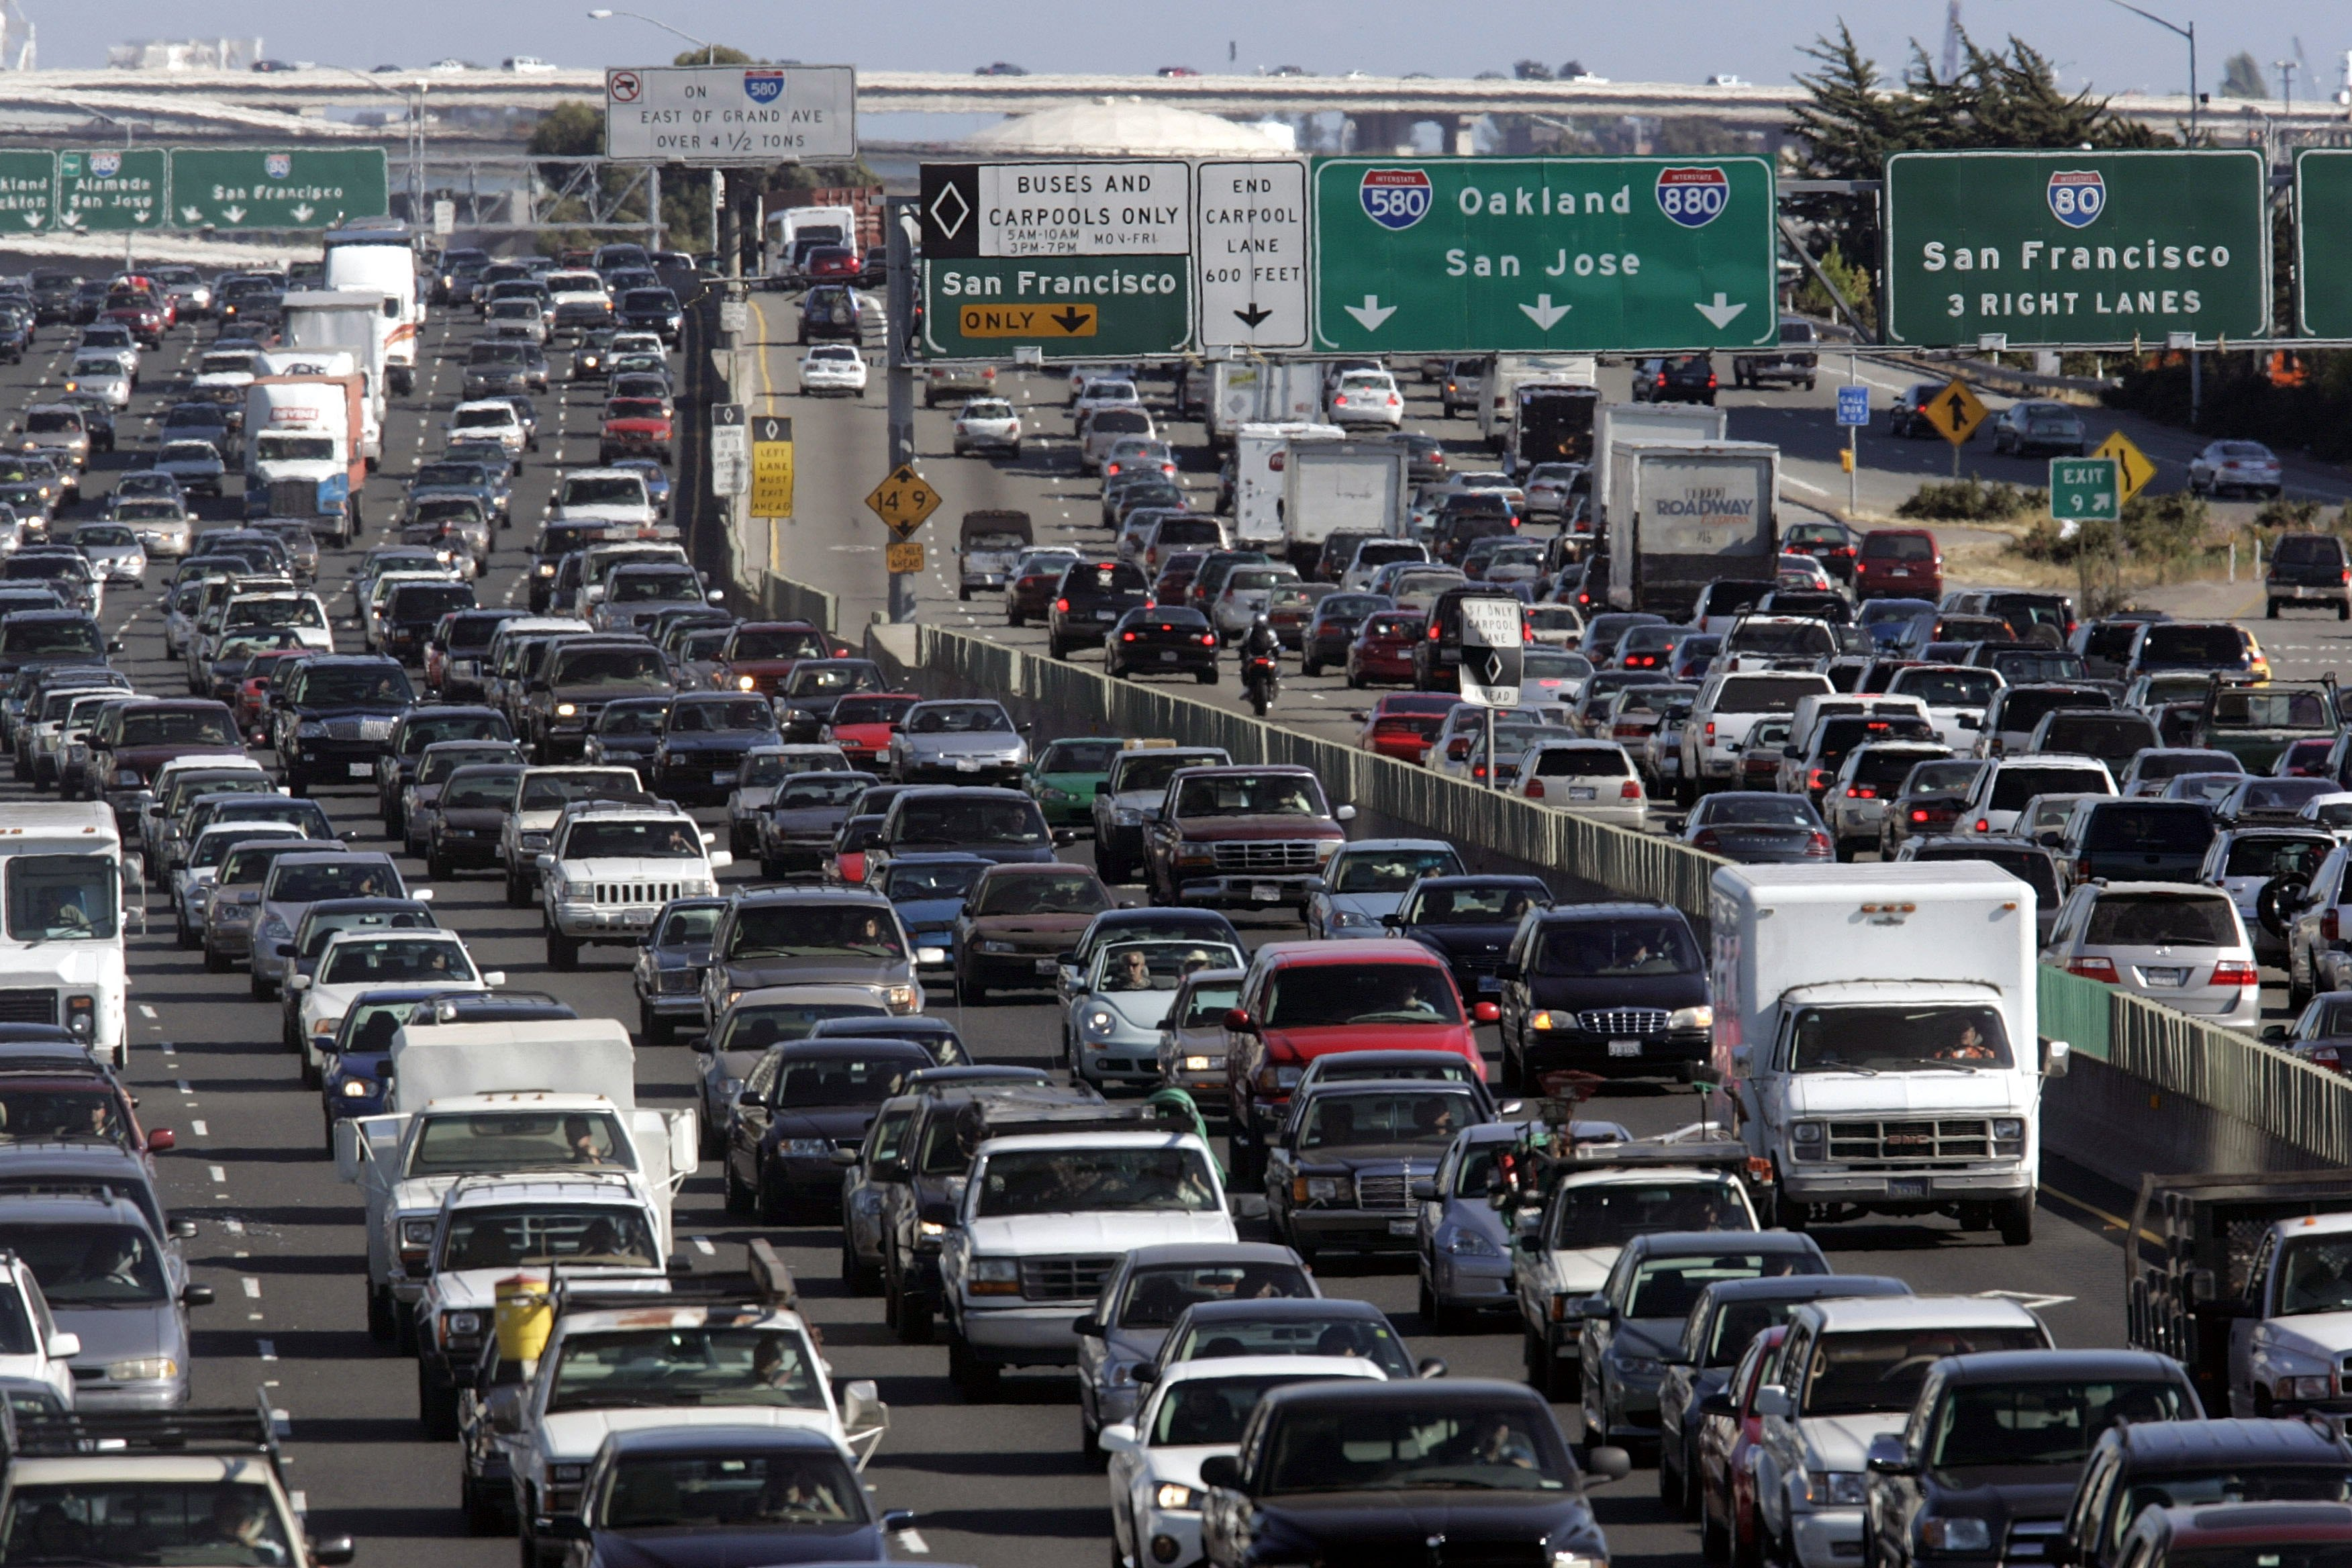 Αποτέλεσμα εικόνας για san francisco traffic